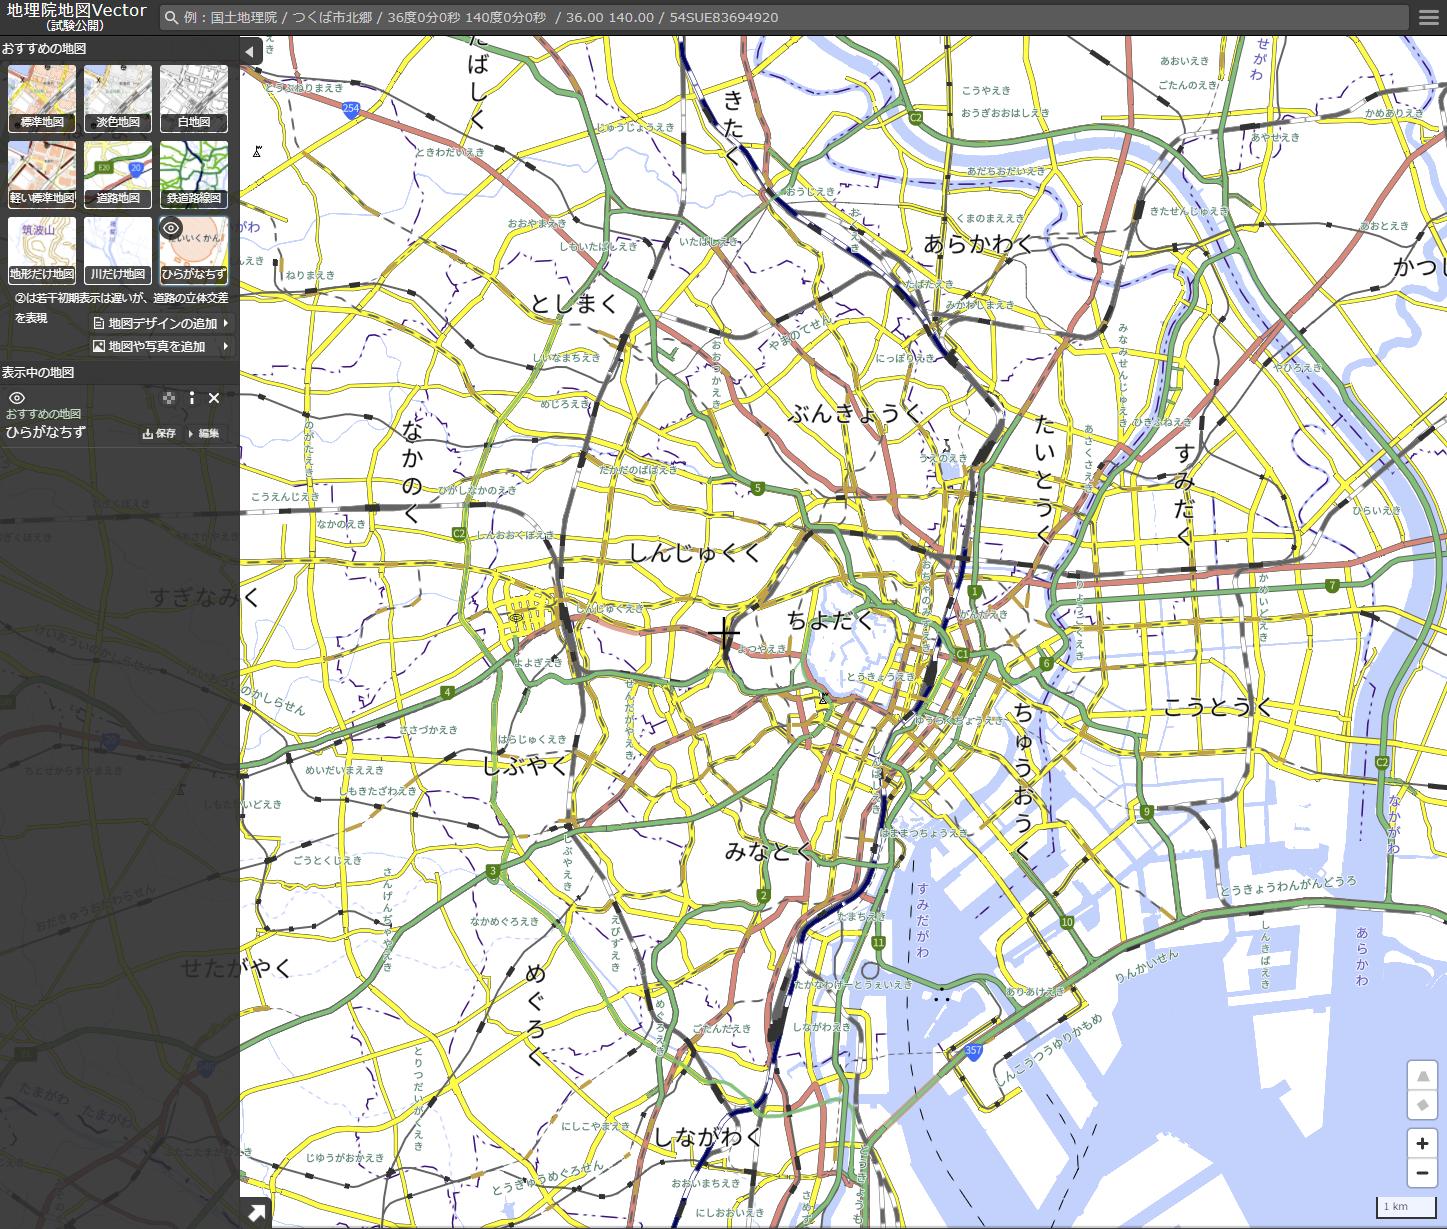 ひらがなちず夏休みの自由研究におすすめな国土地理院「地理院地図Vector」のひらがなちず画面